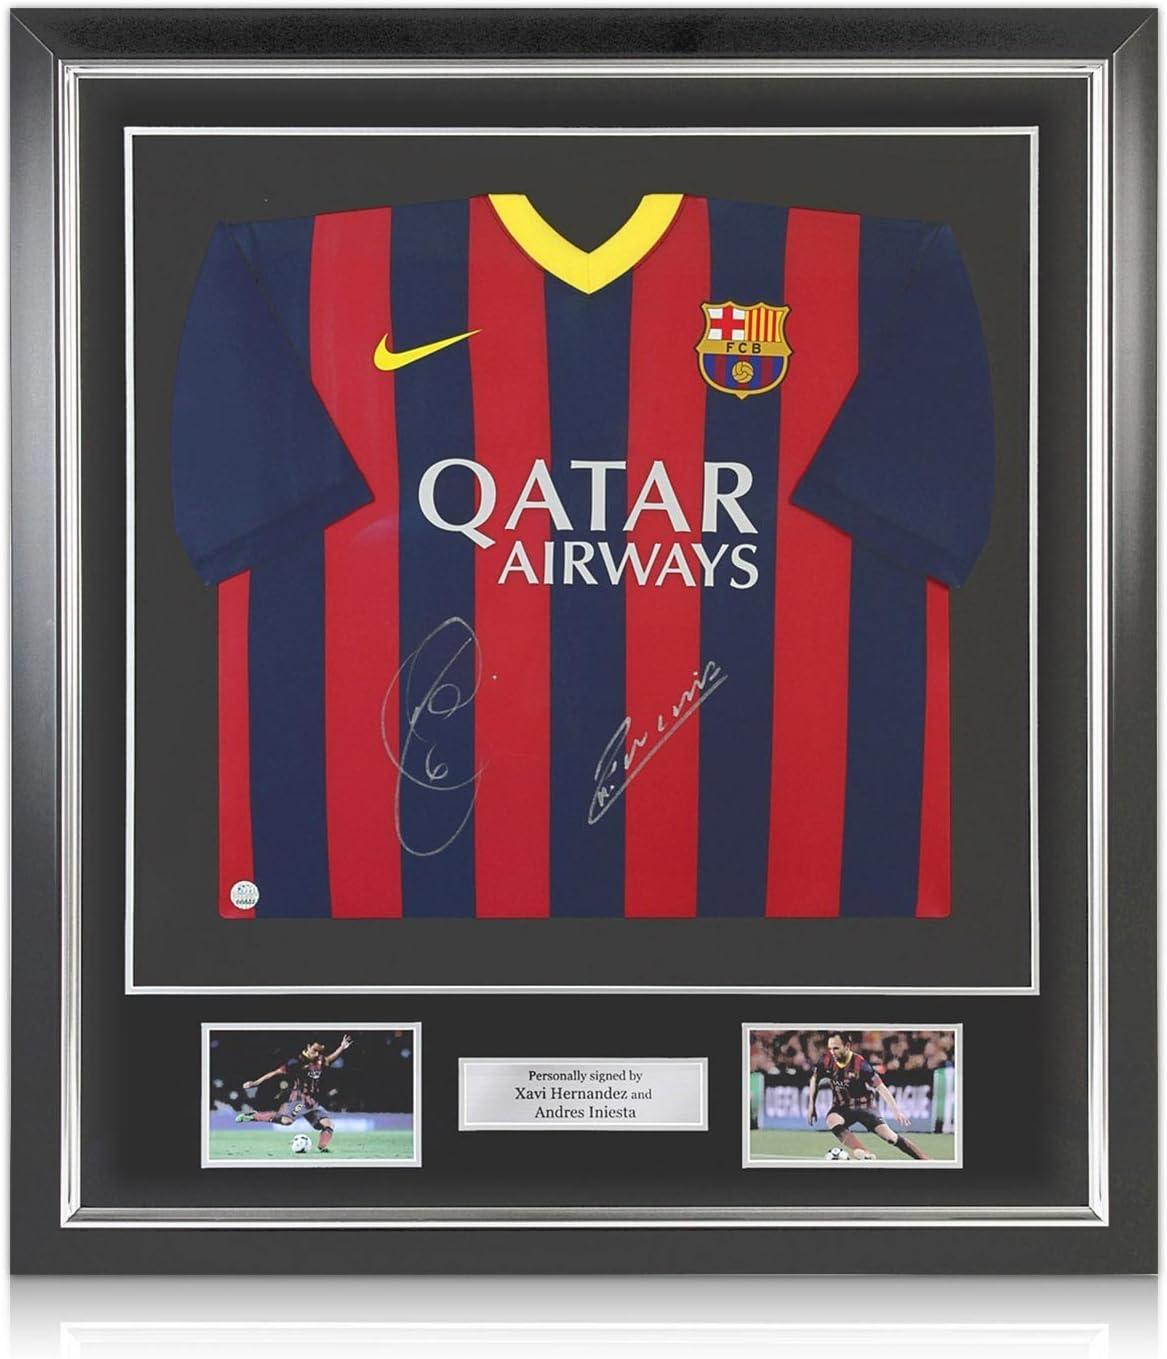 exclusivememorabilia.com Xavi Hernández y Andrés Iniesta Firmado 2.013-14 Camiseta FC Barcelona. En Marco Negro Deluxe con Plata embutido: Amazon.es: Juguetes y juegos